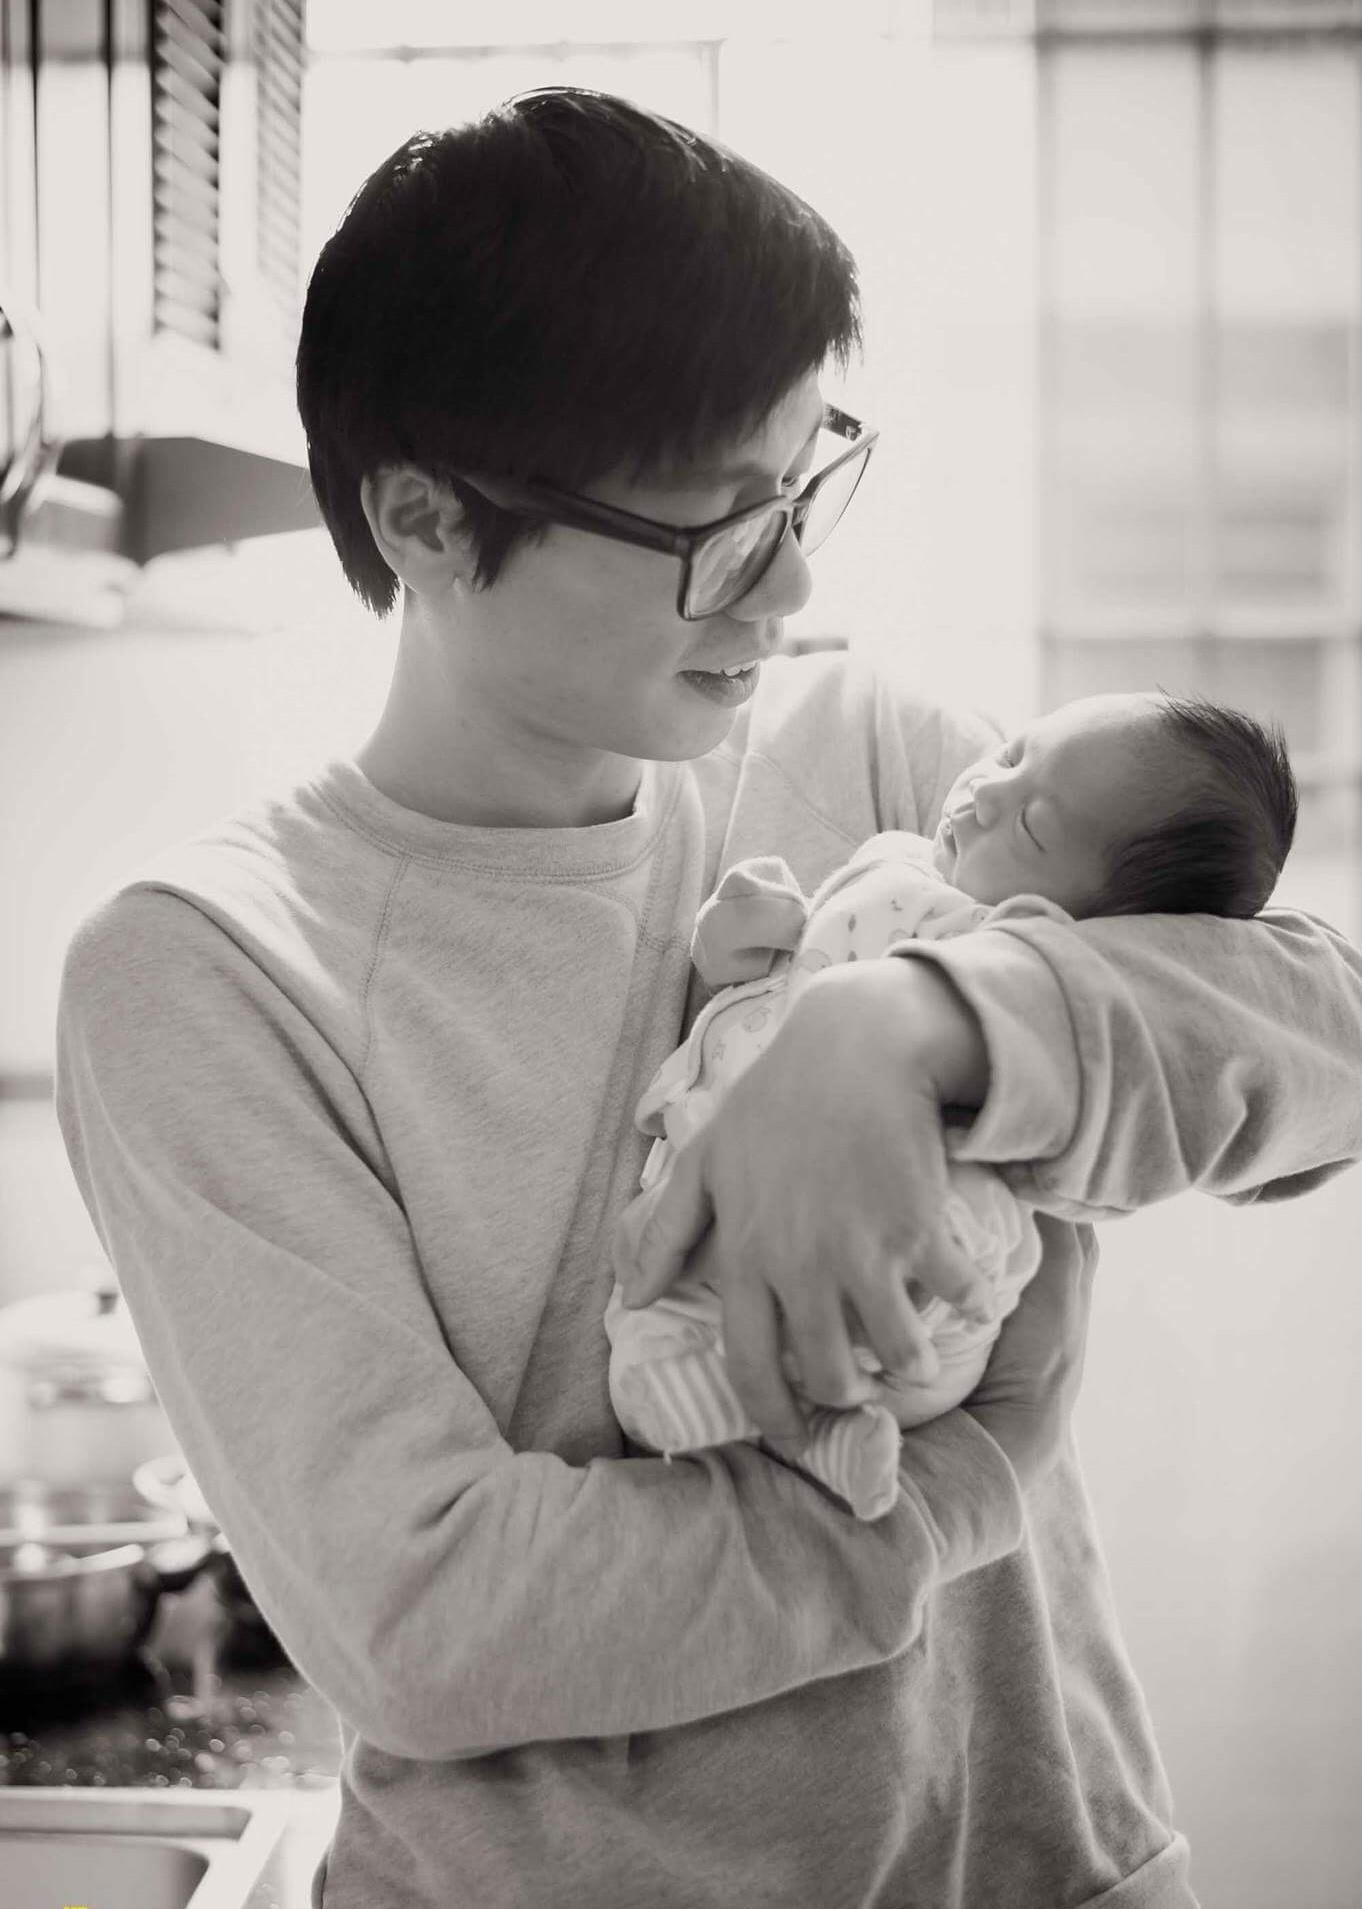 Luyện ngủ cho con từ khi mới lọt lòng, ông bố MC cùng con vi vu đi du lịch và cho bé ngủ bất kỳ đâu cũng được - Ảnh 7.